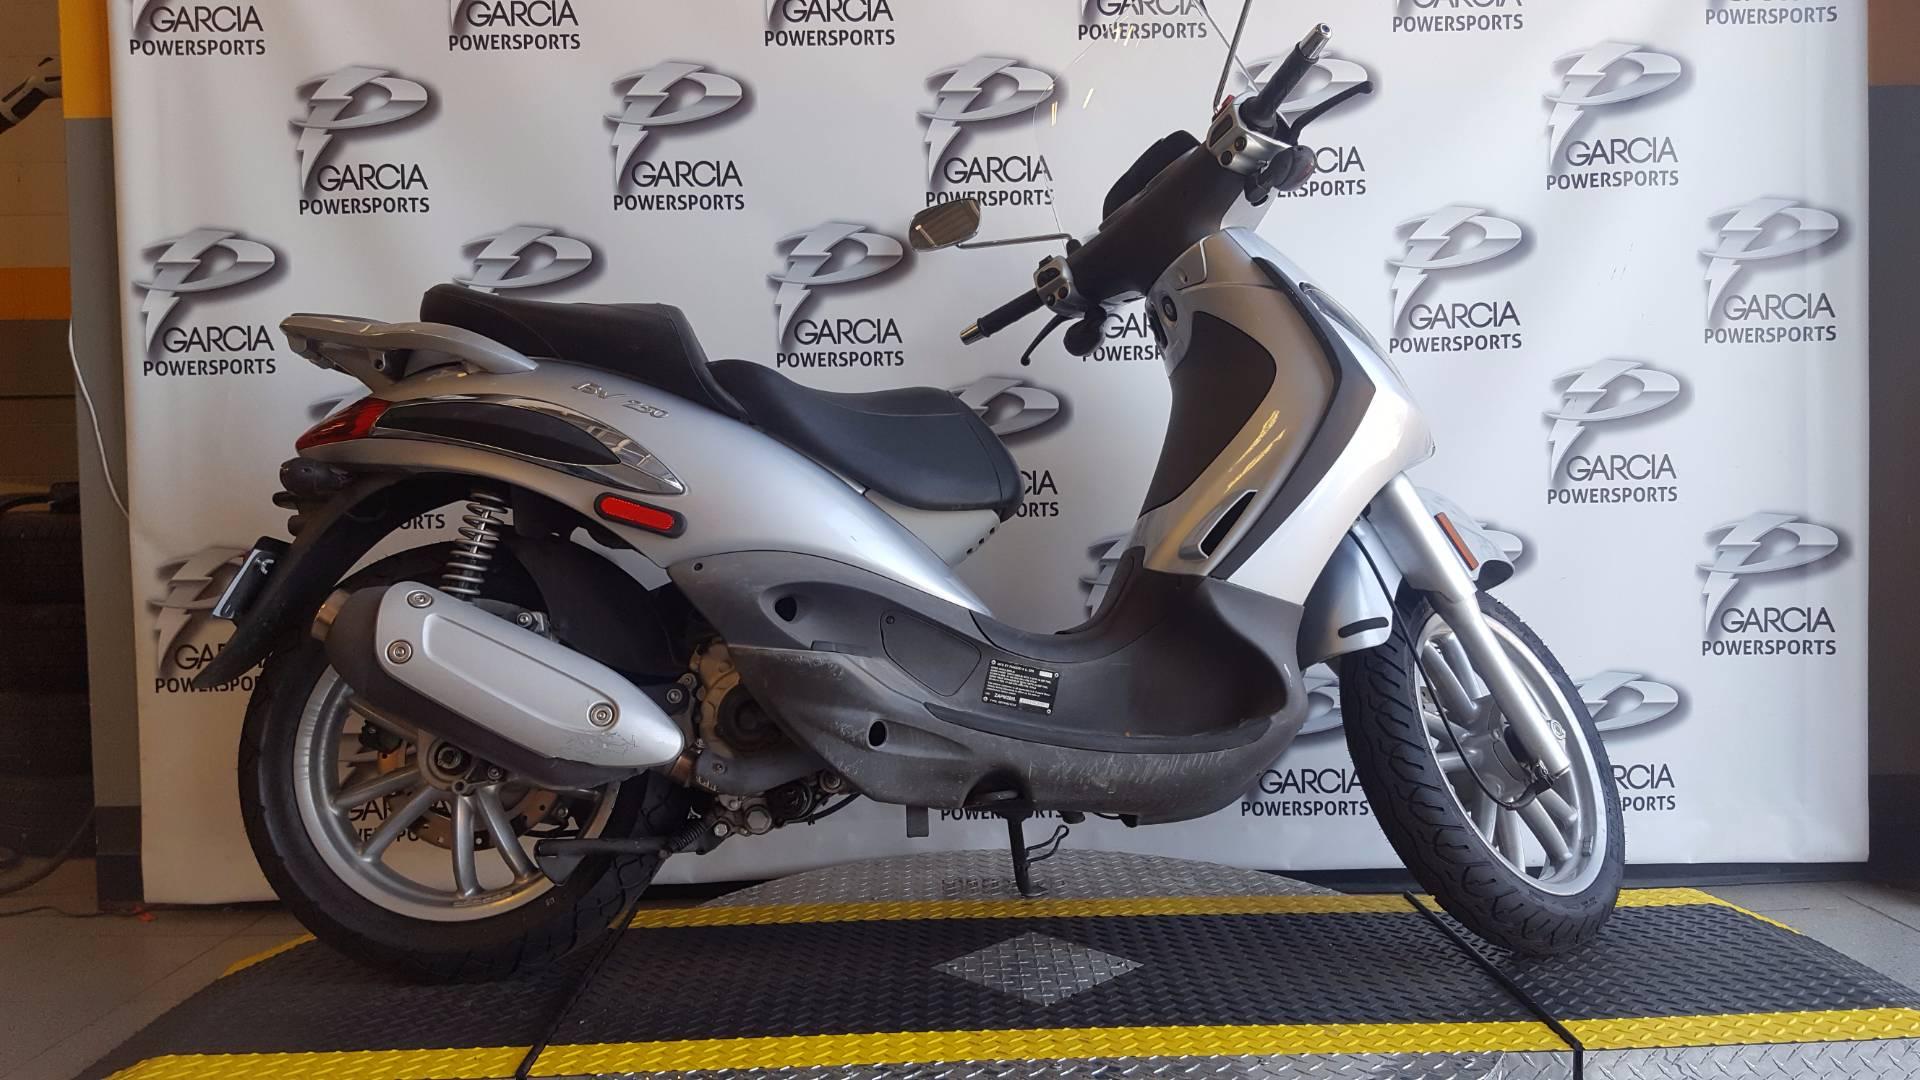 2007 piaggio bv 250 scooters albuquerque new mexico